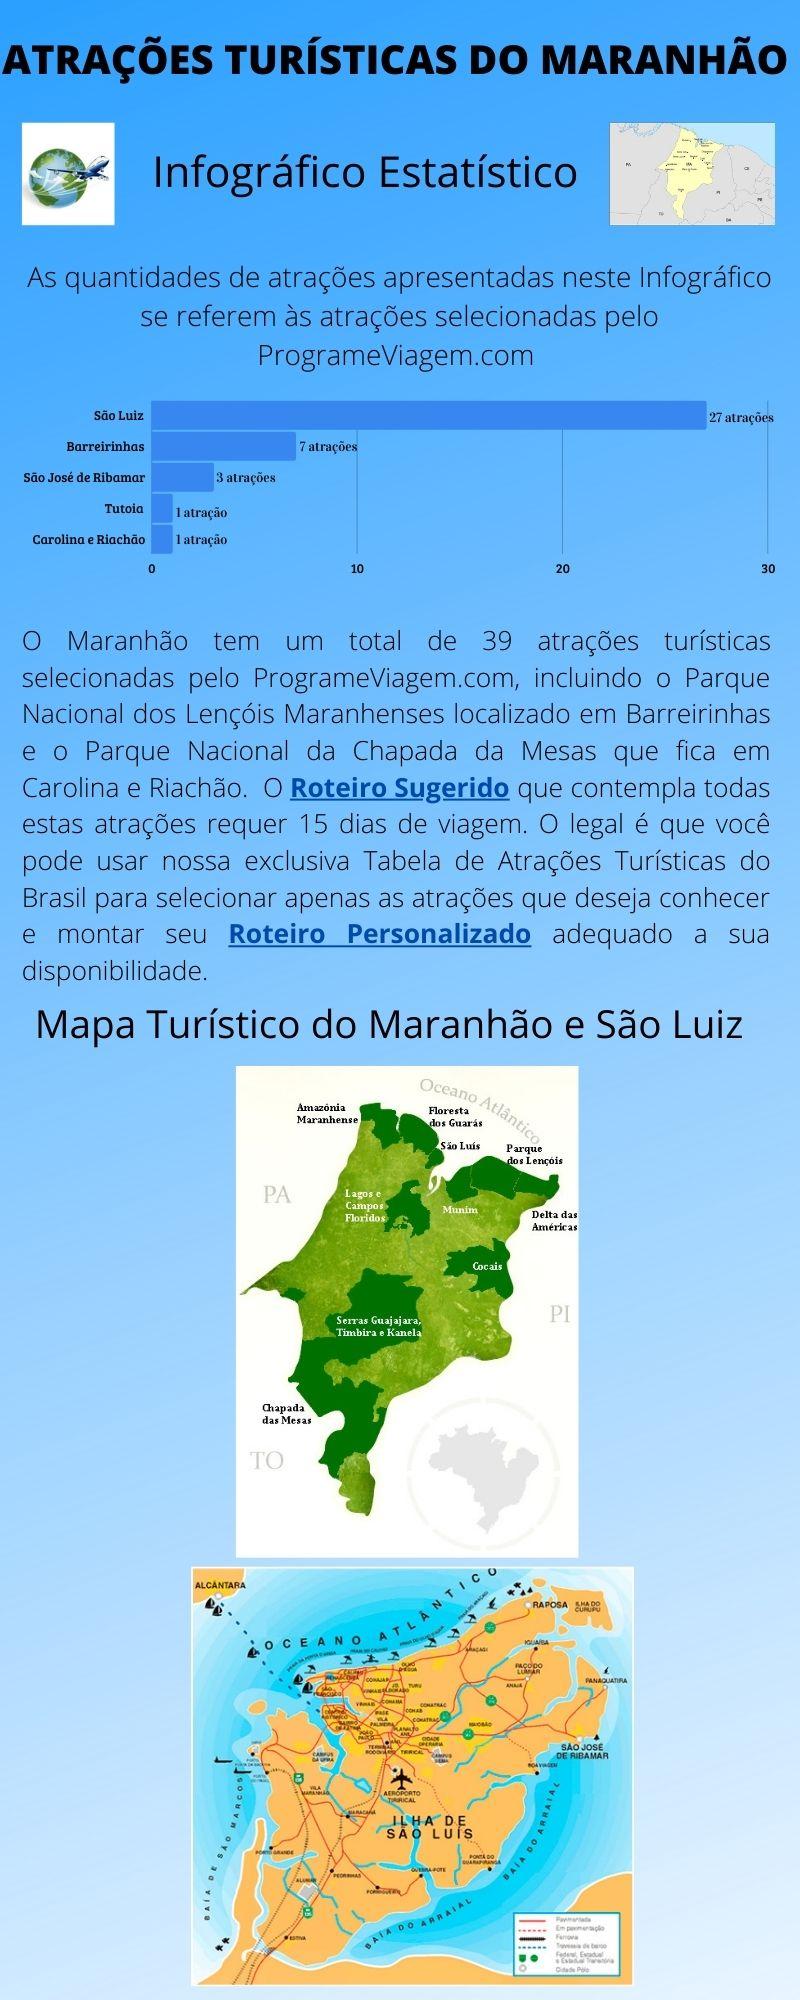 Infográfico Atrações Turísticas do Maranhão